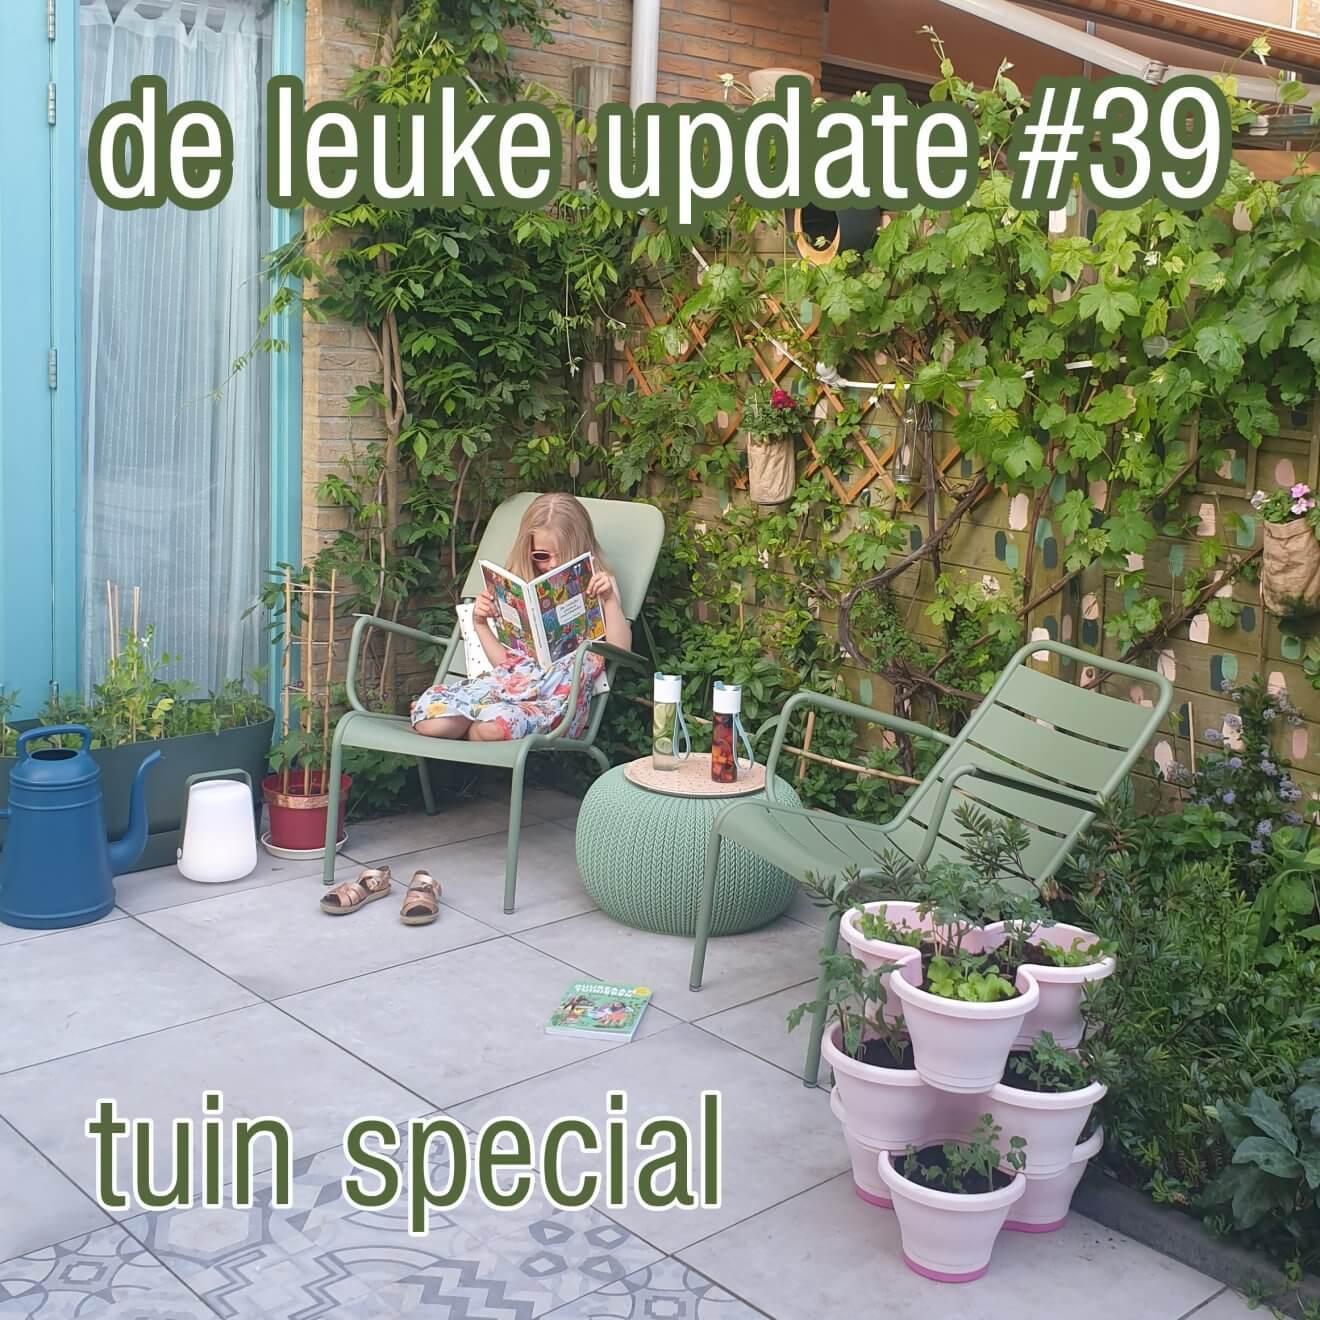 De Leuke Update #39 | online magazine met kids ideeën, musthaves en uitjes | tuin special. Dit keer heel veel tuin tips voor gezinnen met kids, maar ook weer allerlei andere nieuwtjes, ideeën, musthaves en uitjes voor kids.